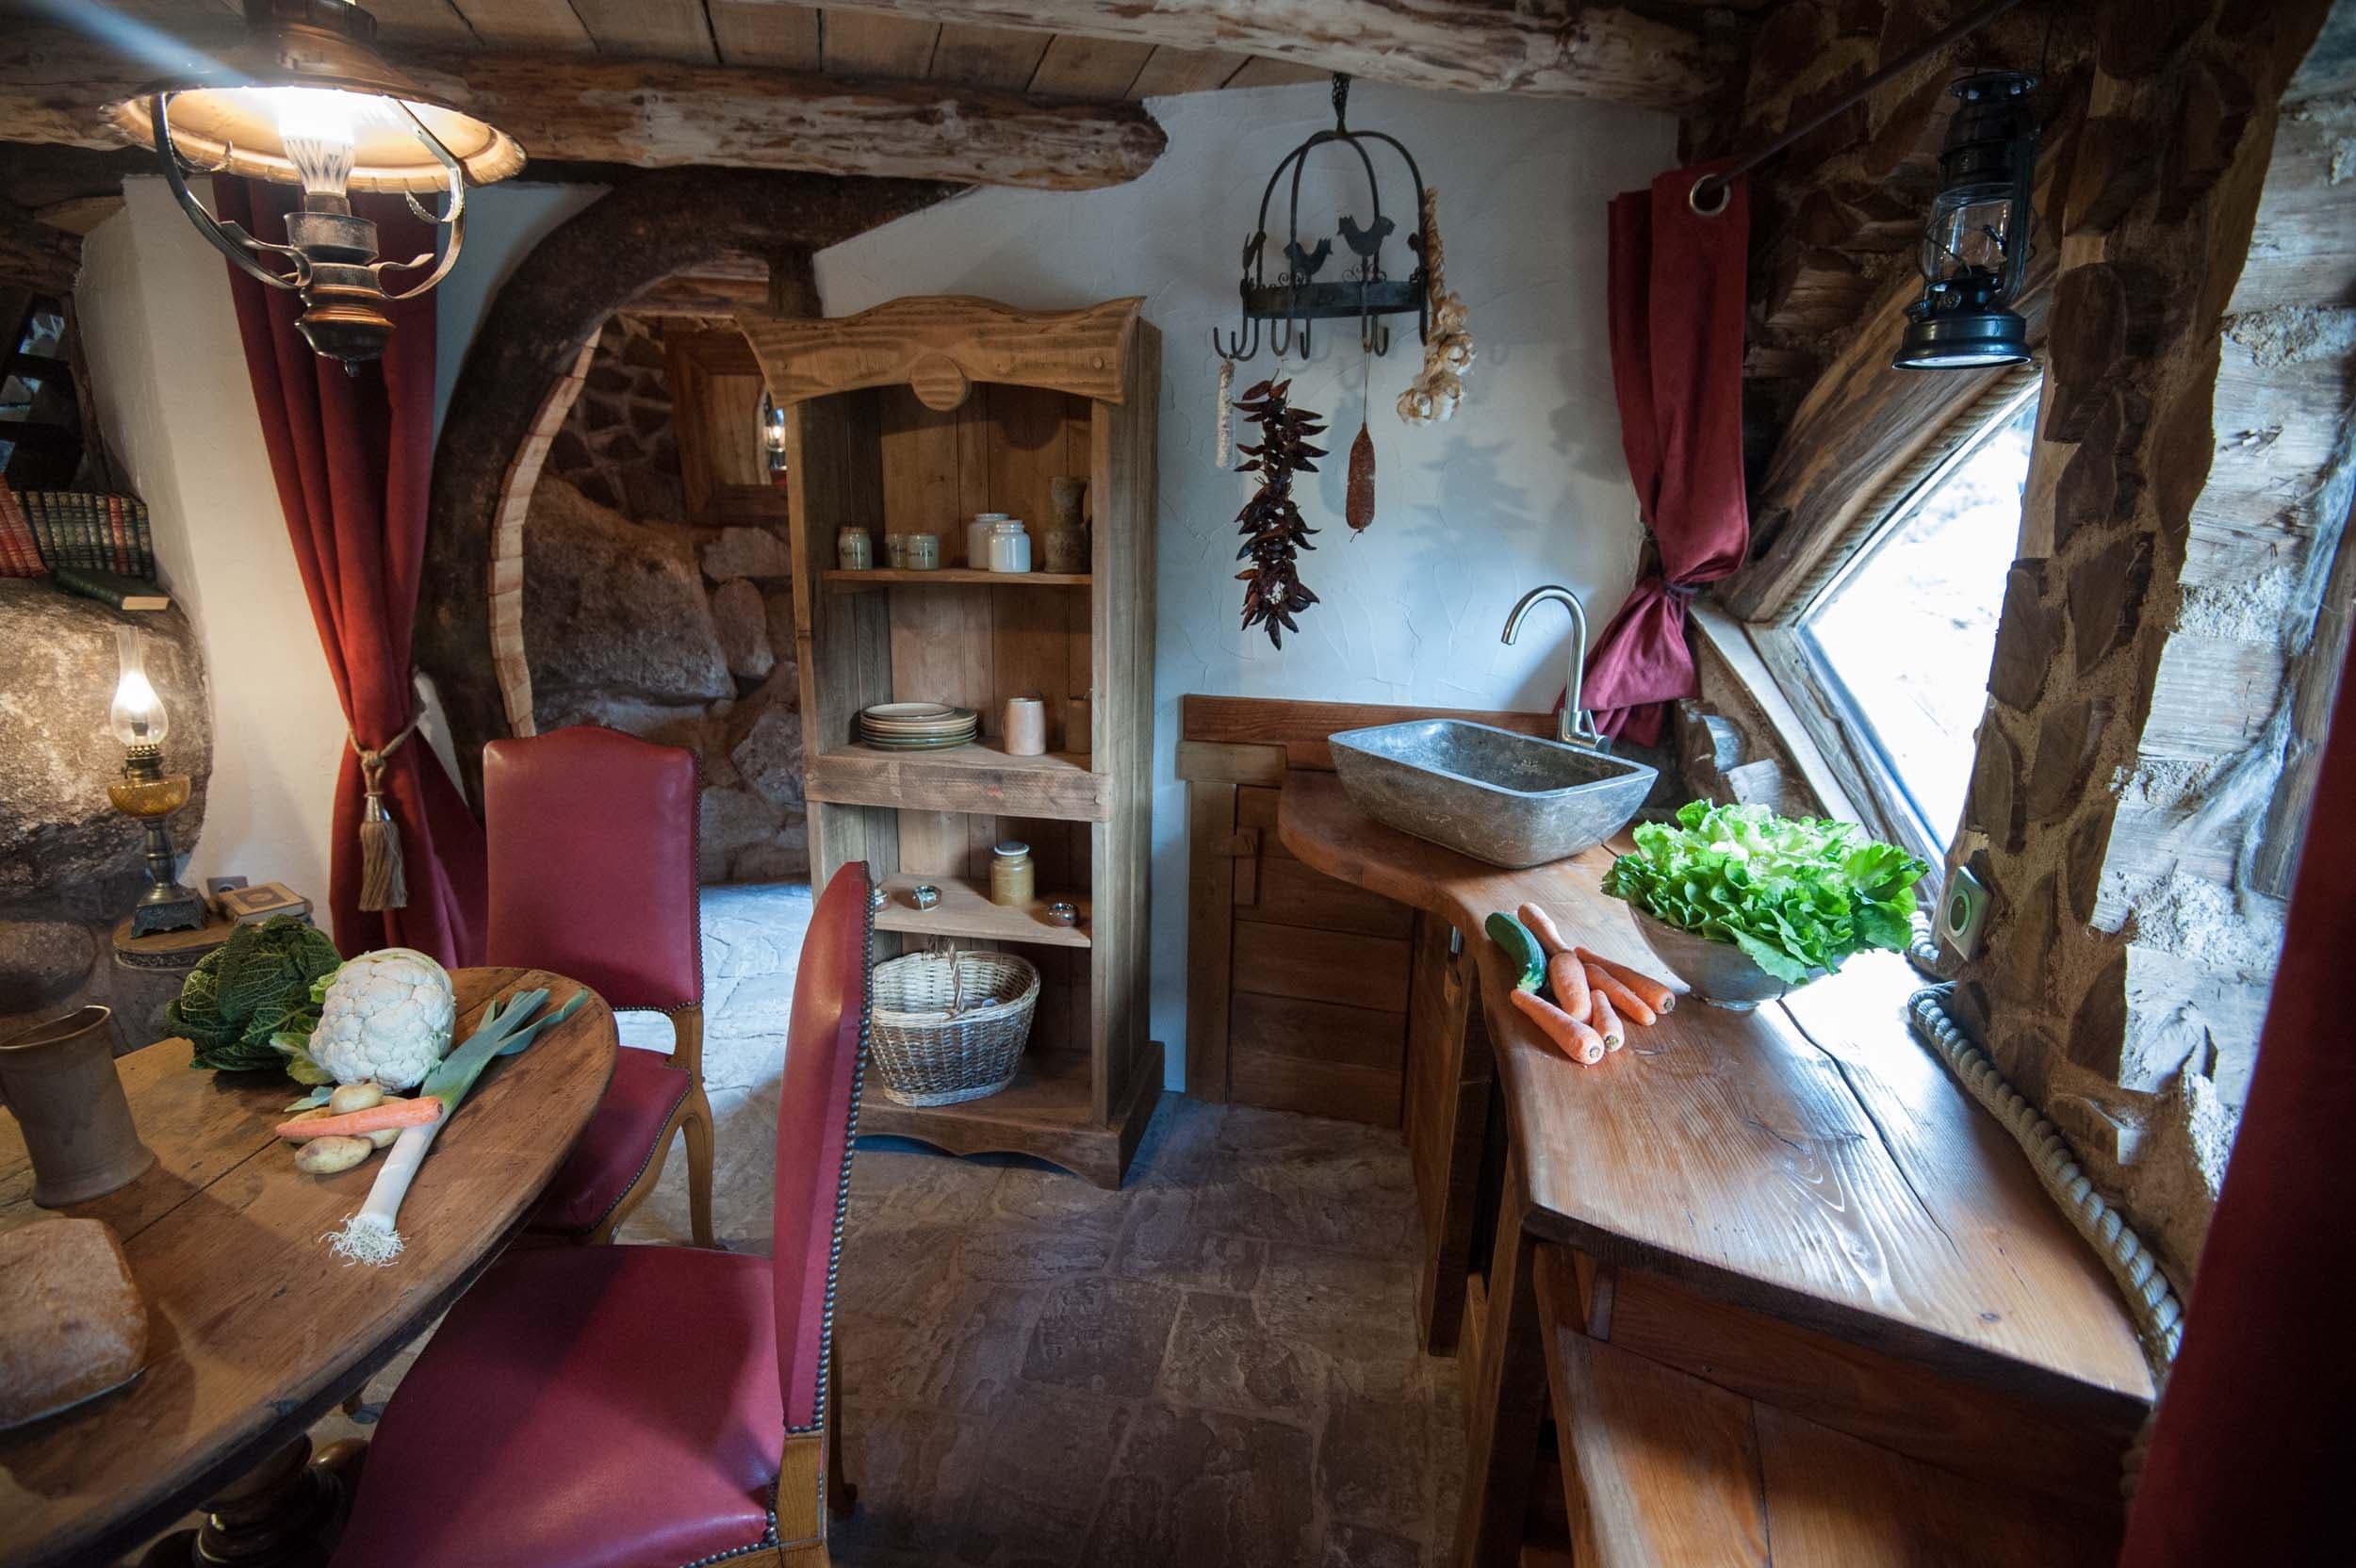 La maison du Hobbit la cabane insolite dans les Vosges par Bol d air